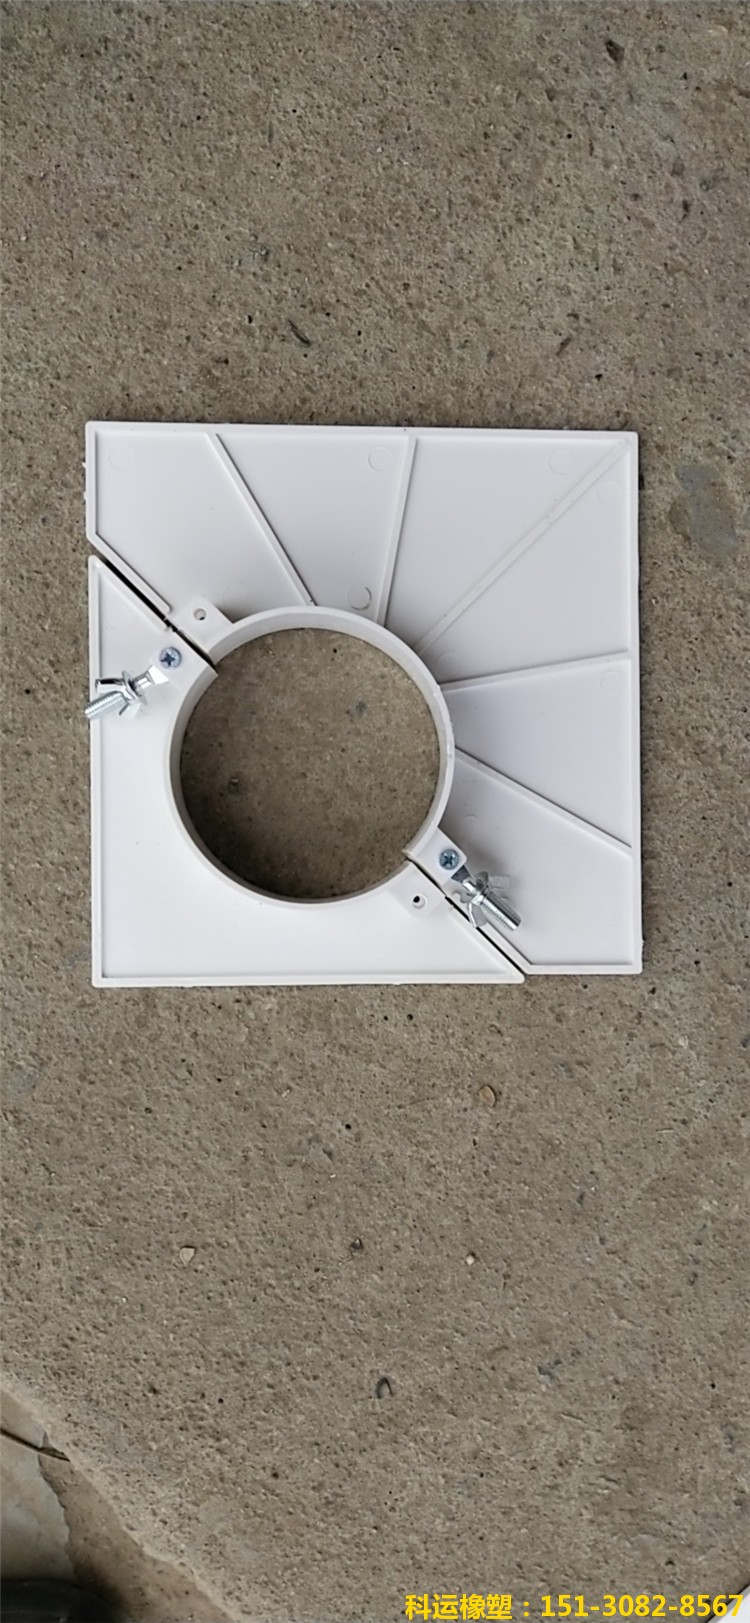 双排H管道三排M管道预留洞堵洞吊模 方形110吊洞模具6